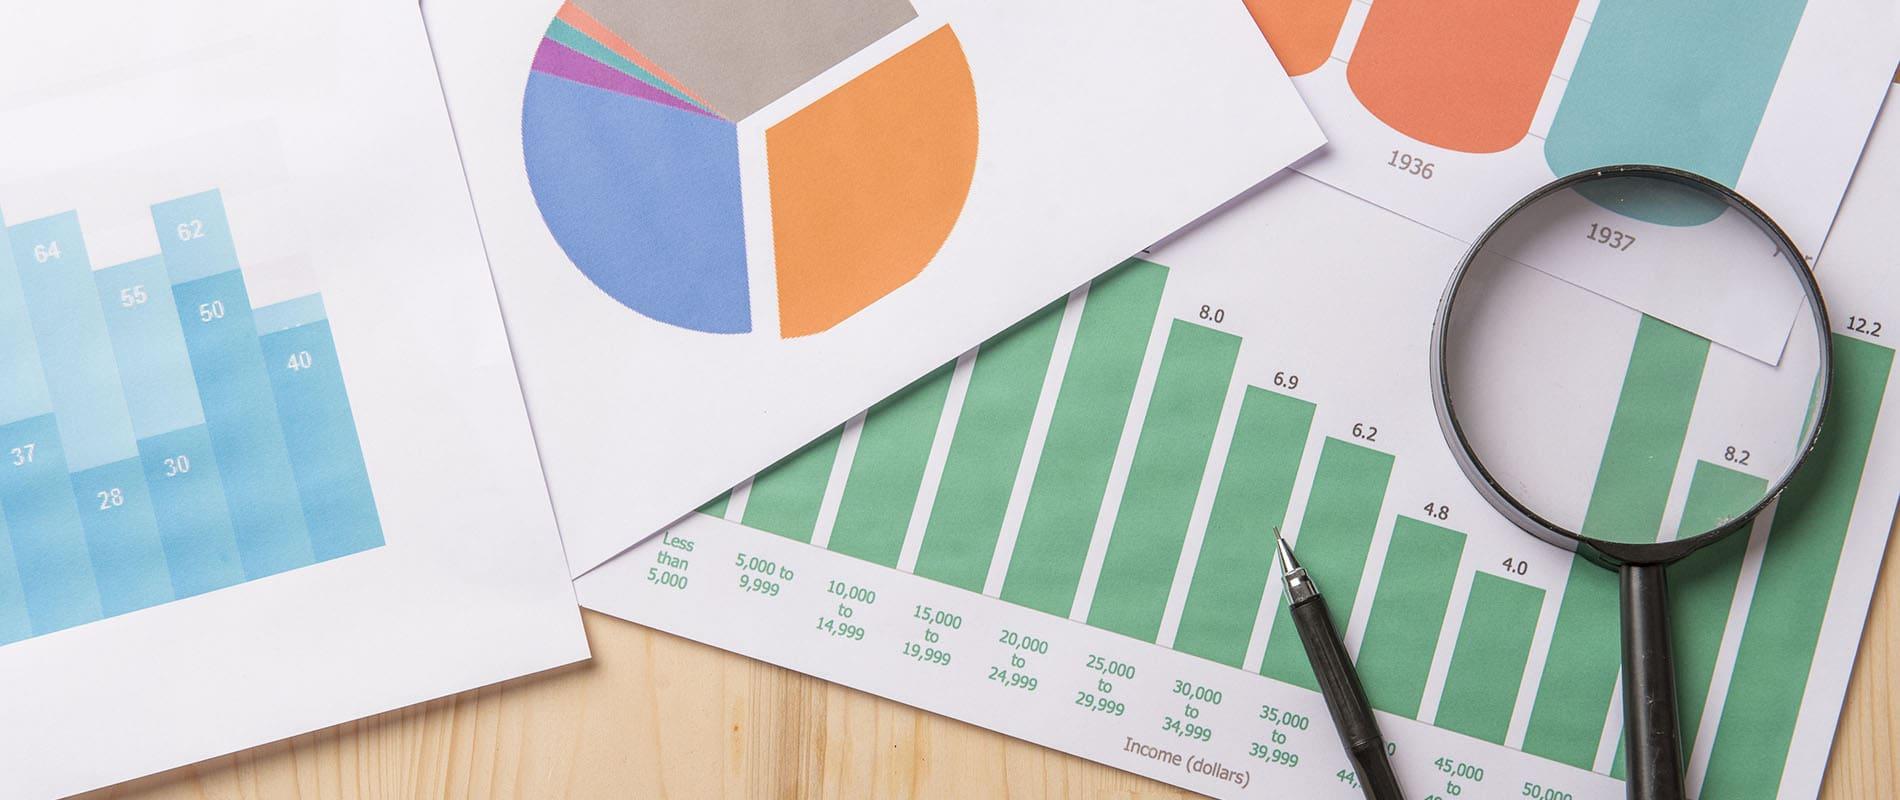 Fotografía genérica documentos con datos económicos